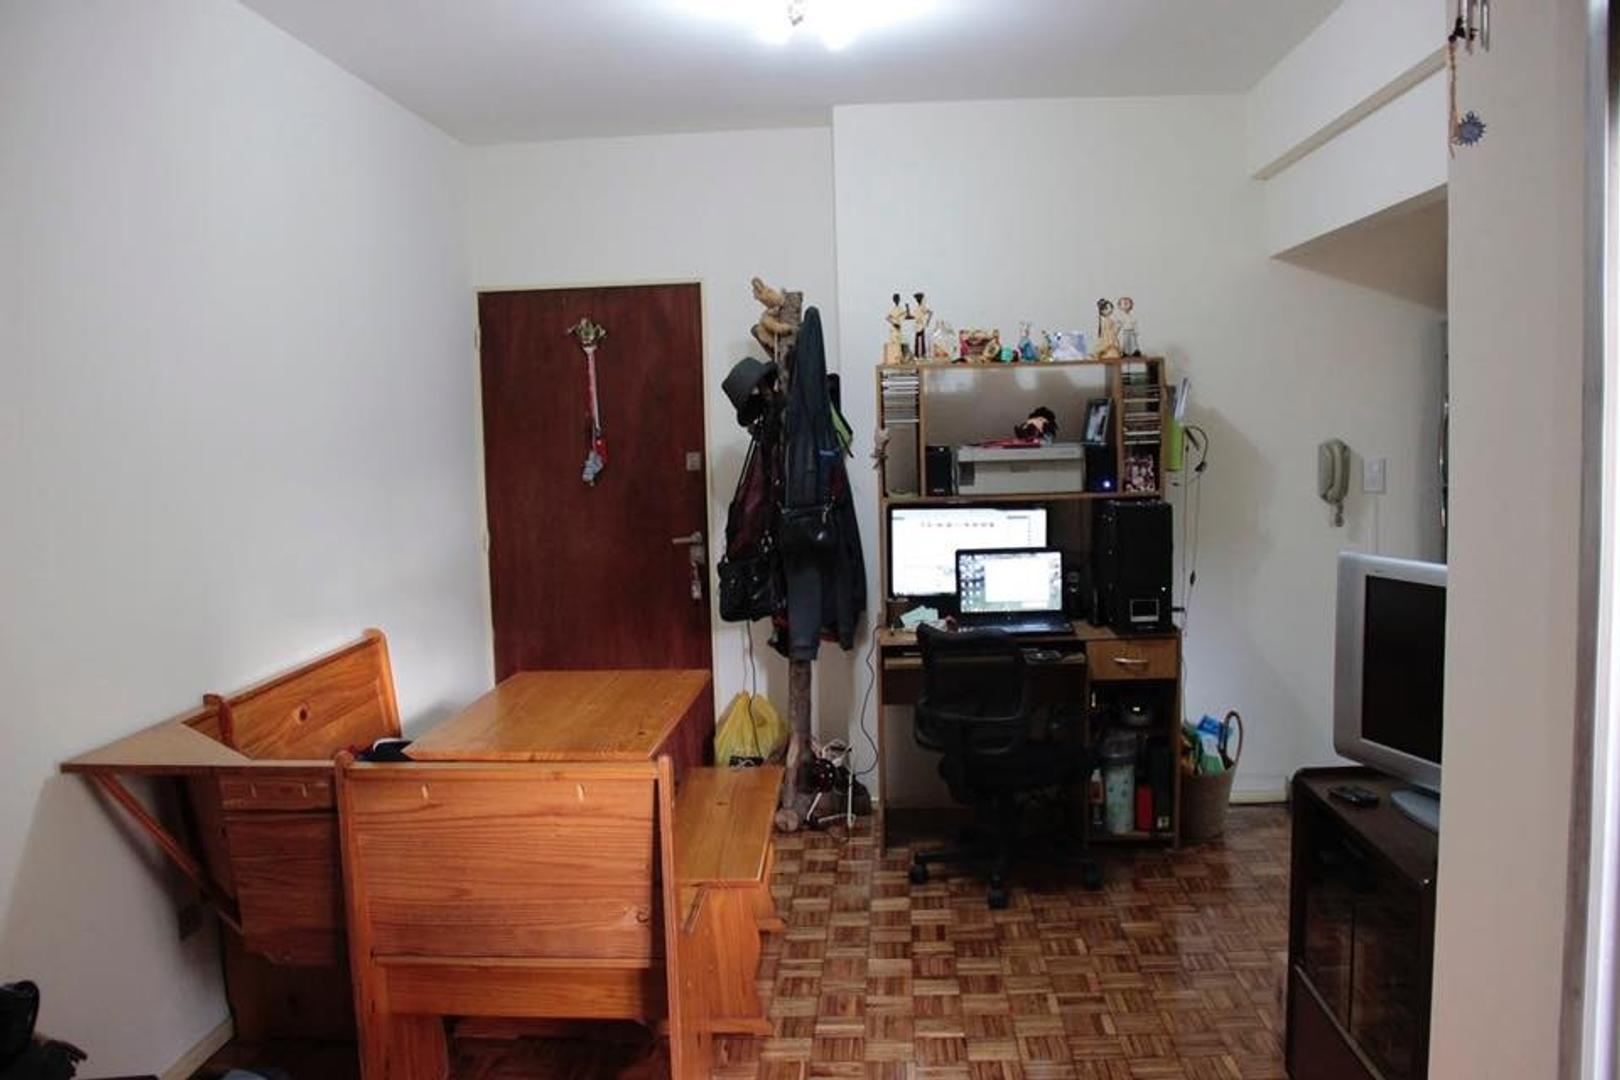 Excelente departamento 1 ambiente con patio -VILLA LURO -APTO CREDITO BANCARIO Y APTO PROFESIONAL